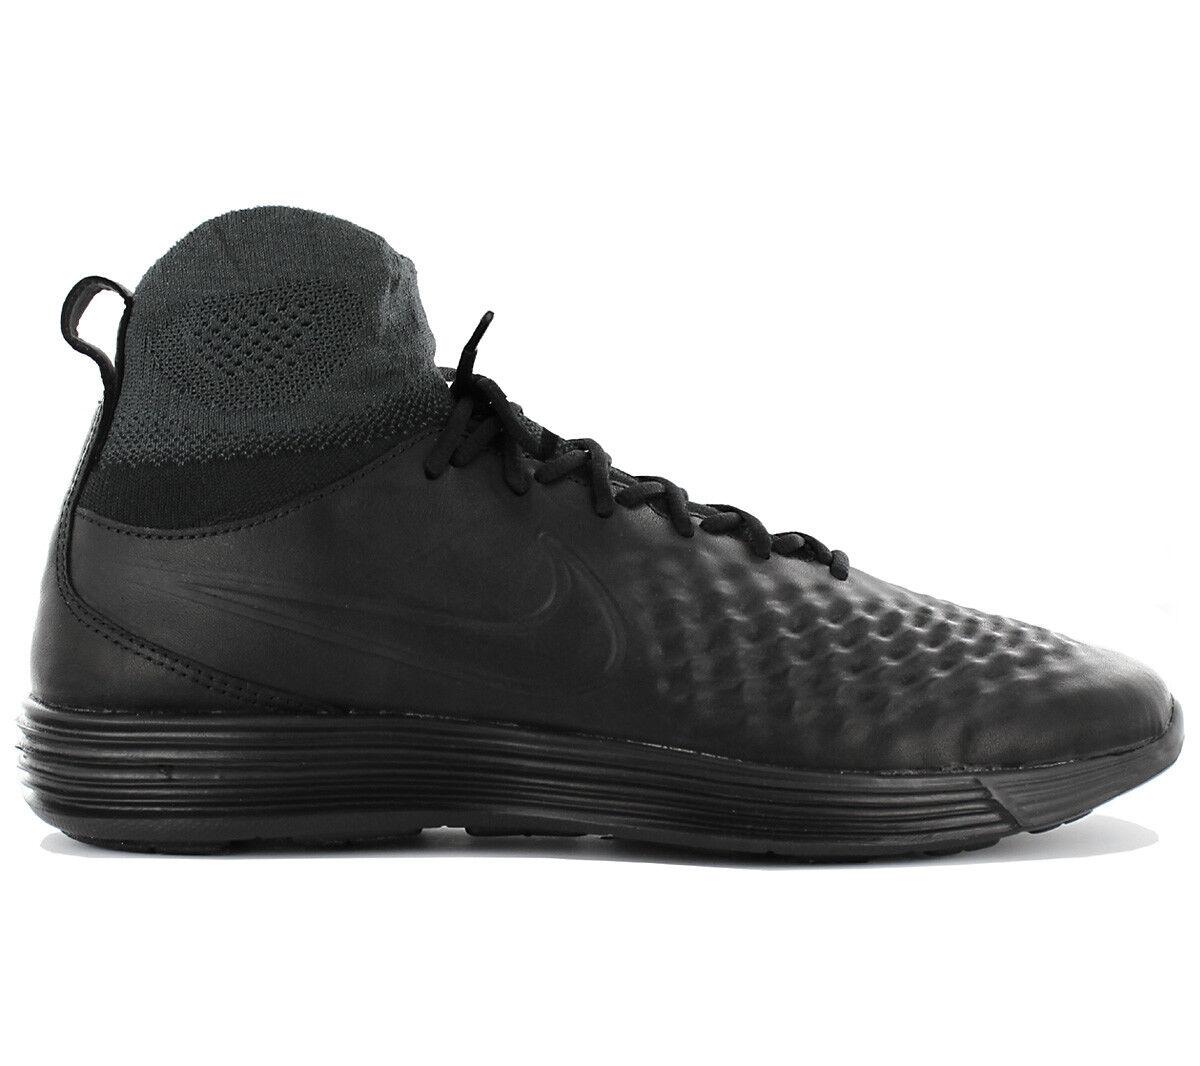 Nike - sneaker sneaker sneaker - mens lunar magista fk flyknit 852614-001 neue schuhe. 9a5bbe